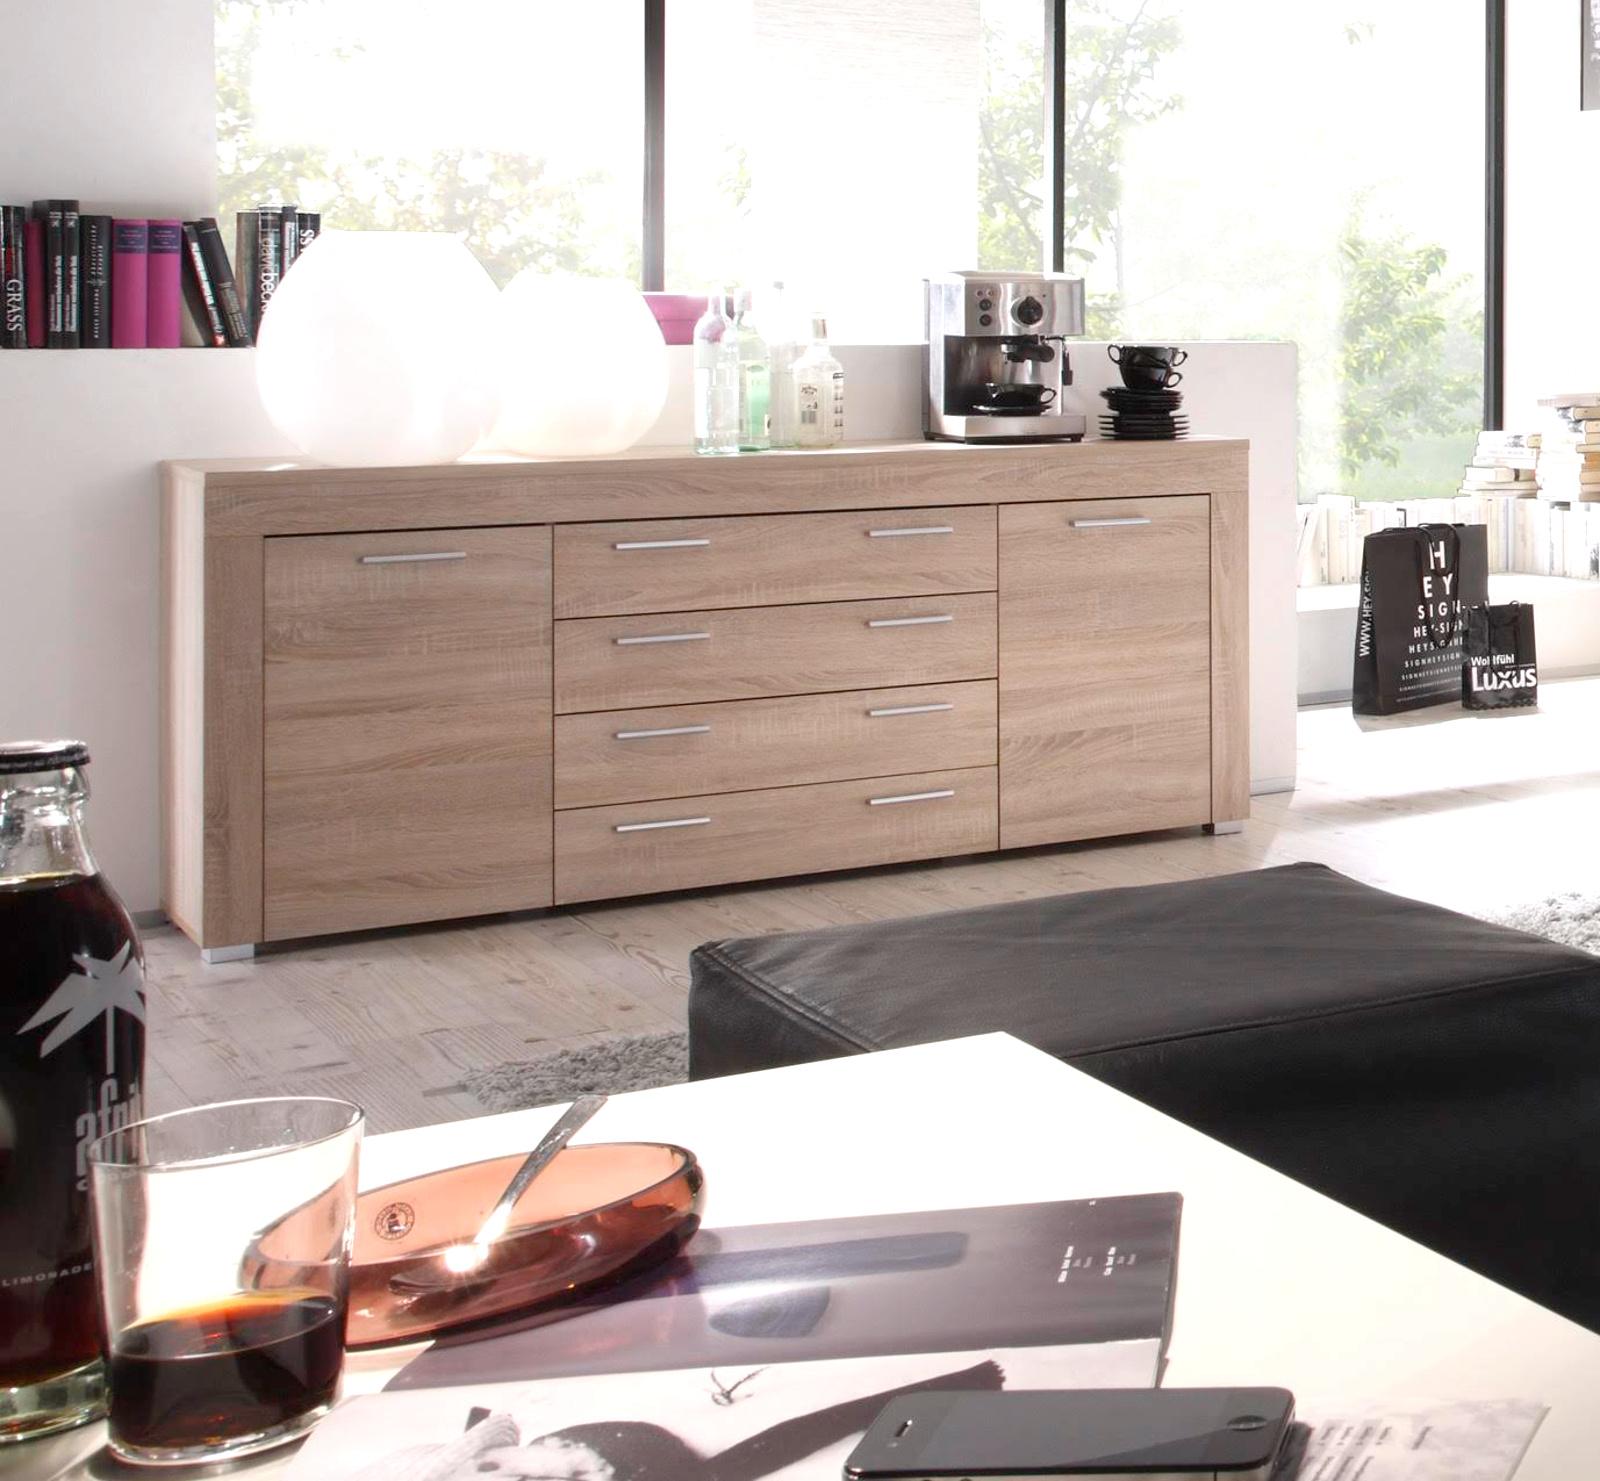 Wohnzimmer Sideboard Boom Sonoma Eiche Hell Sagerau 176 X 79 Cm